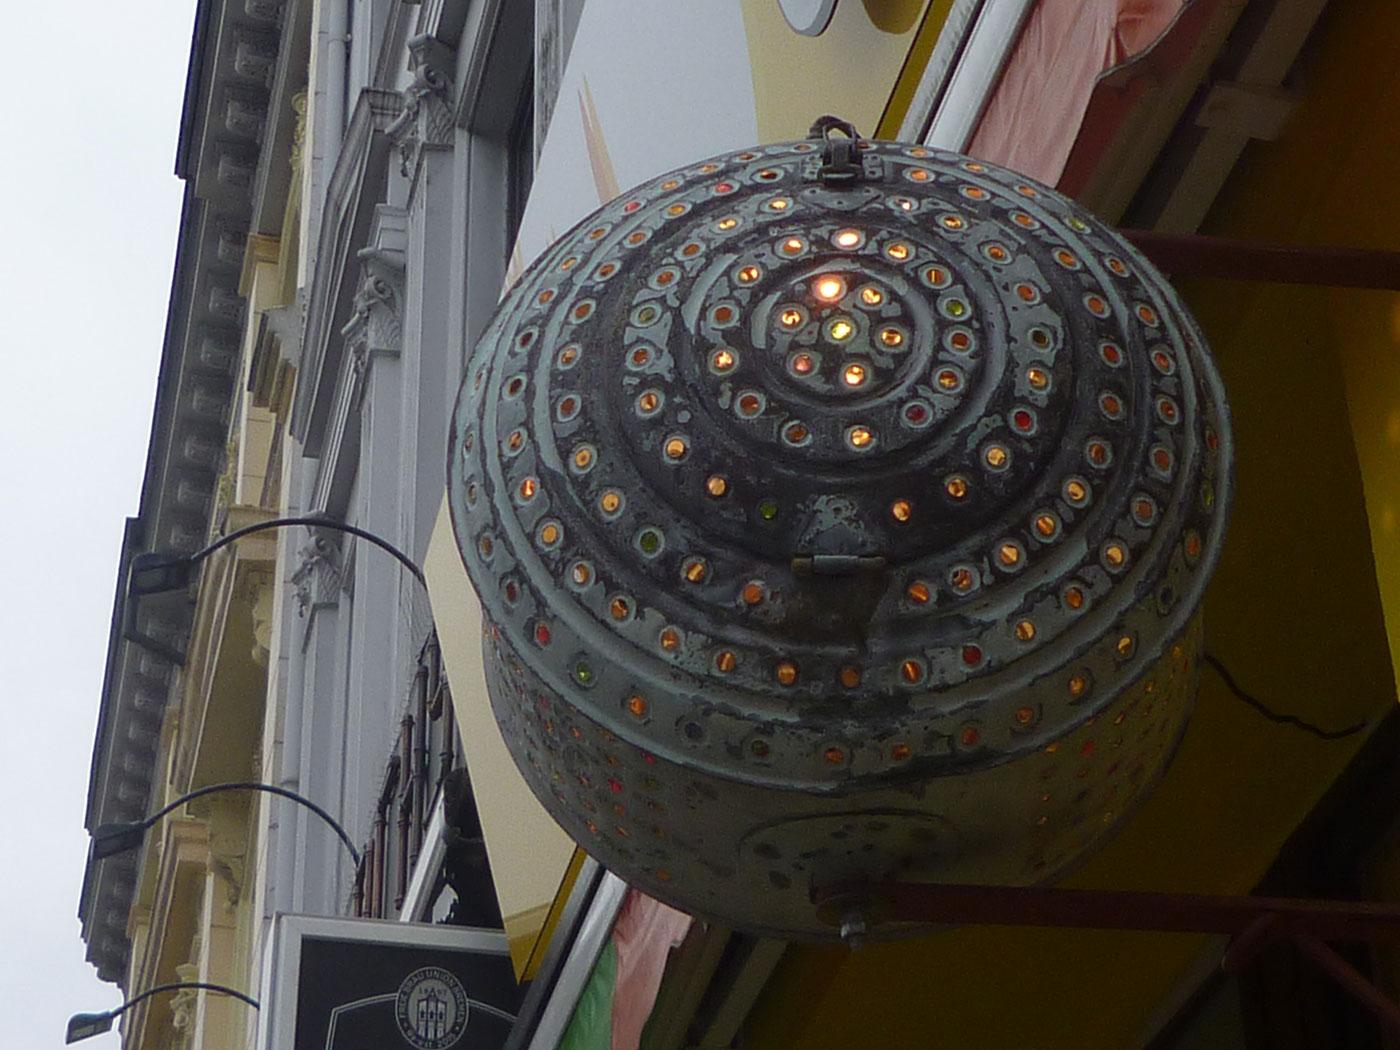 Das Viertel, Von innen bunt beleuchtete Waschtrommel